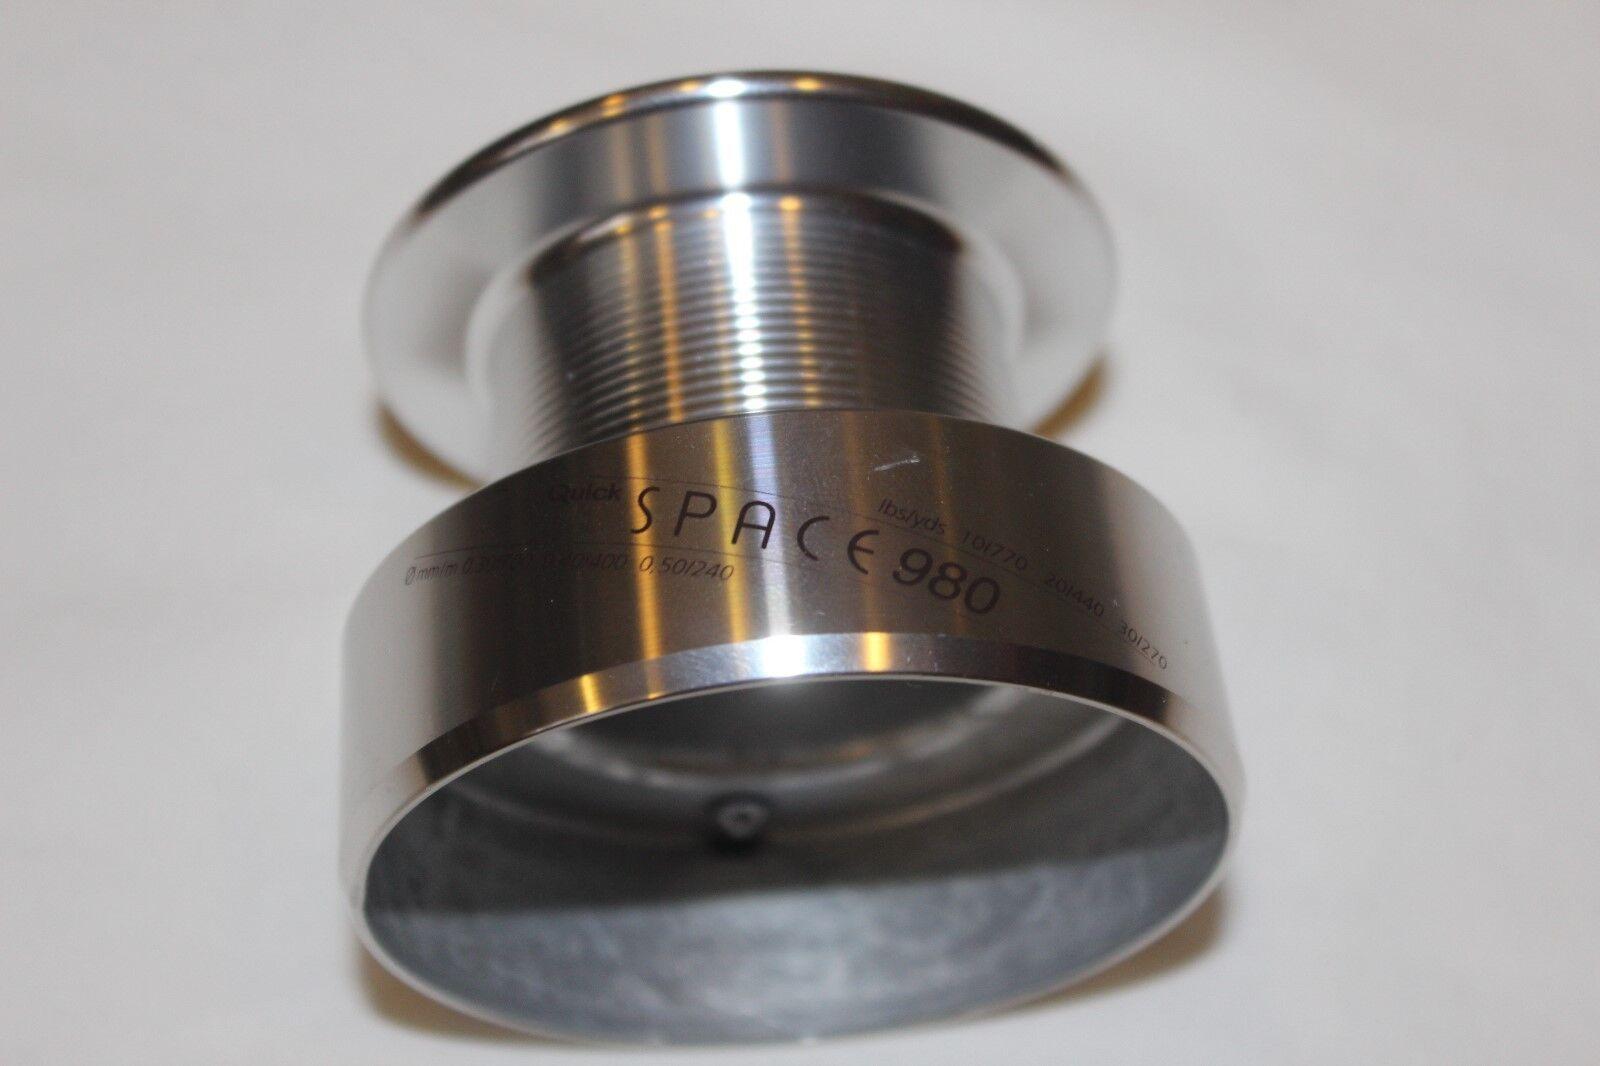 Dam Quick Space Space Space 980-bobina de repuesto-alu-neu-nr-177  punto de venta de la marca